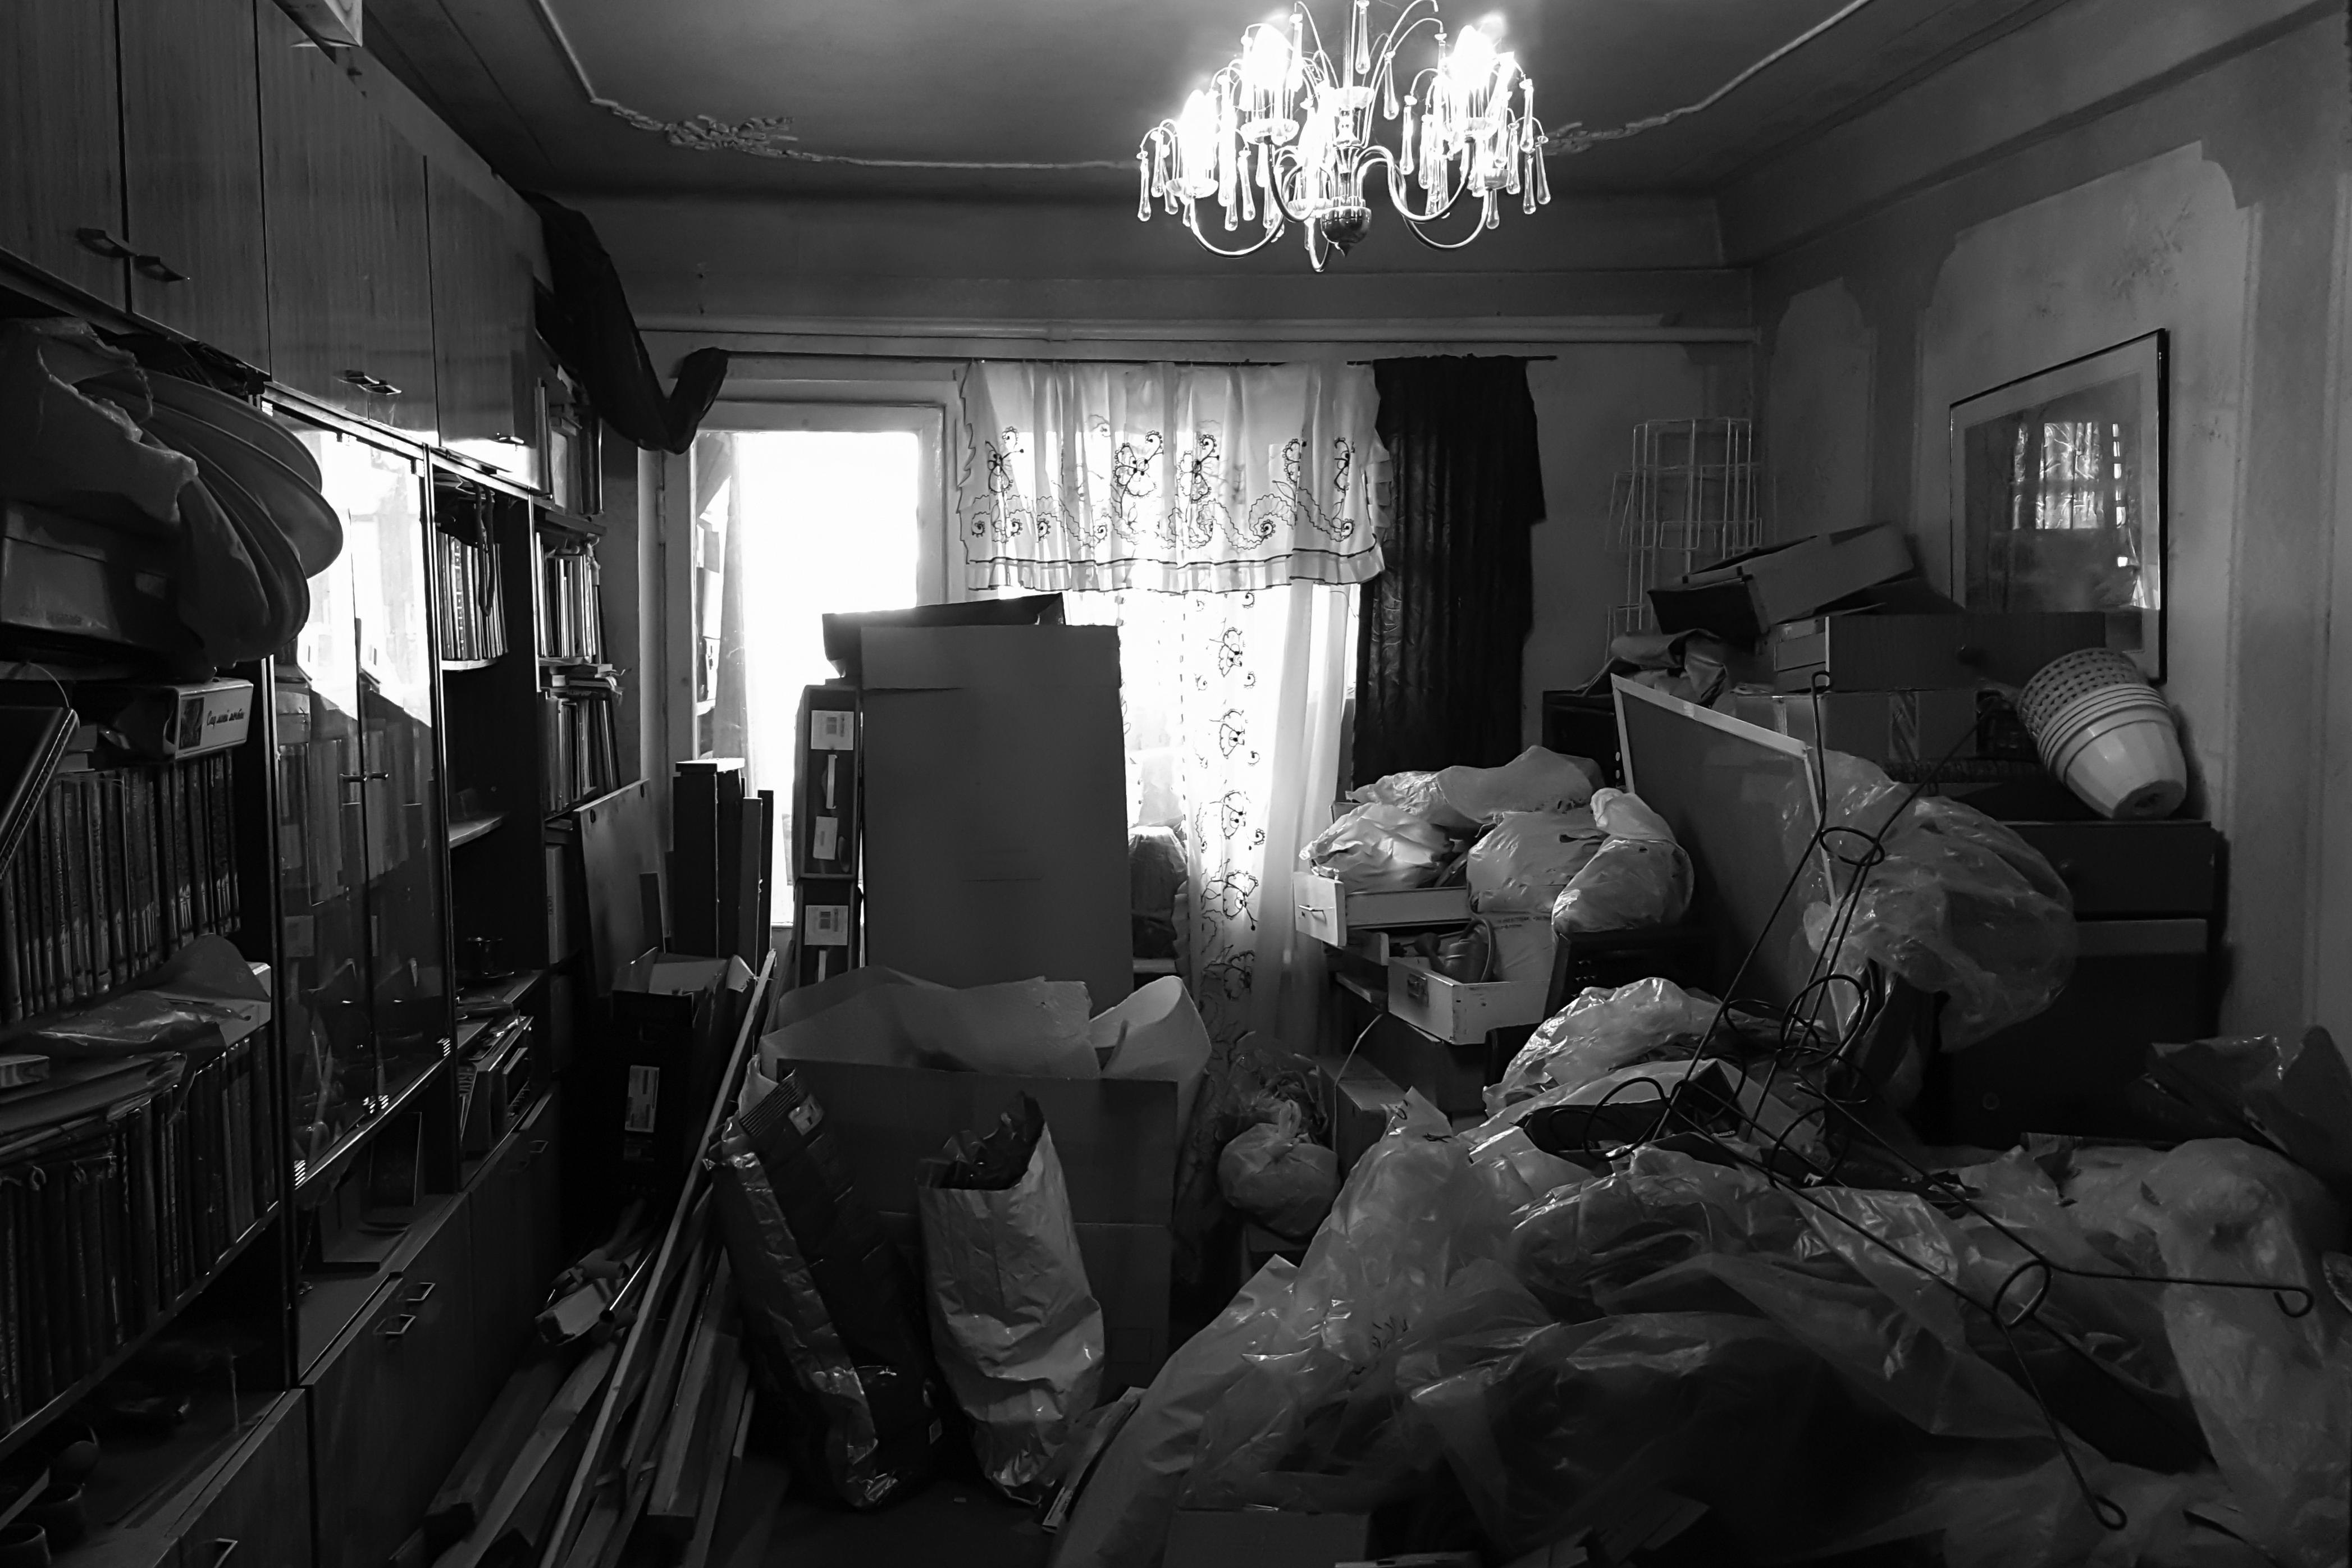 Bratia Collyerovci boli dvaja samotárski čudáci, ktorí našli svoju smrť v dome plnom odpadkov